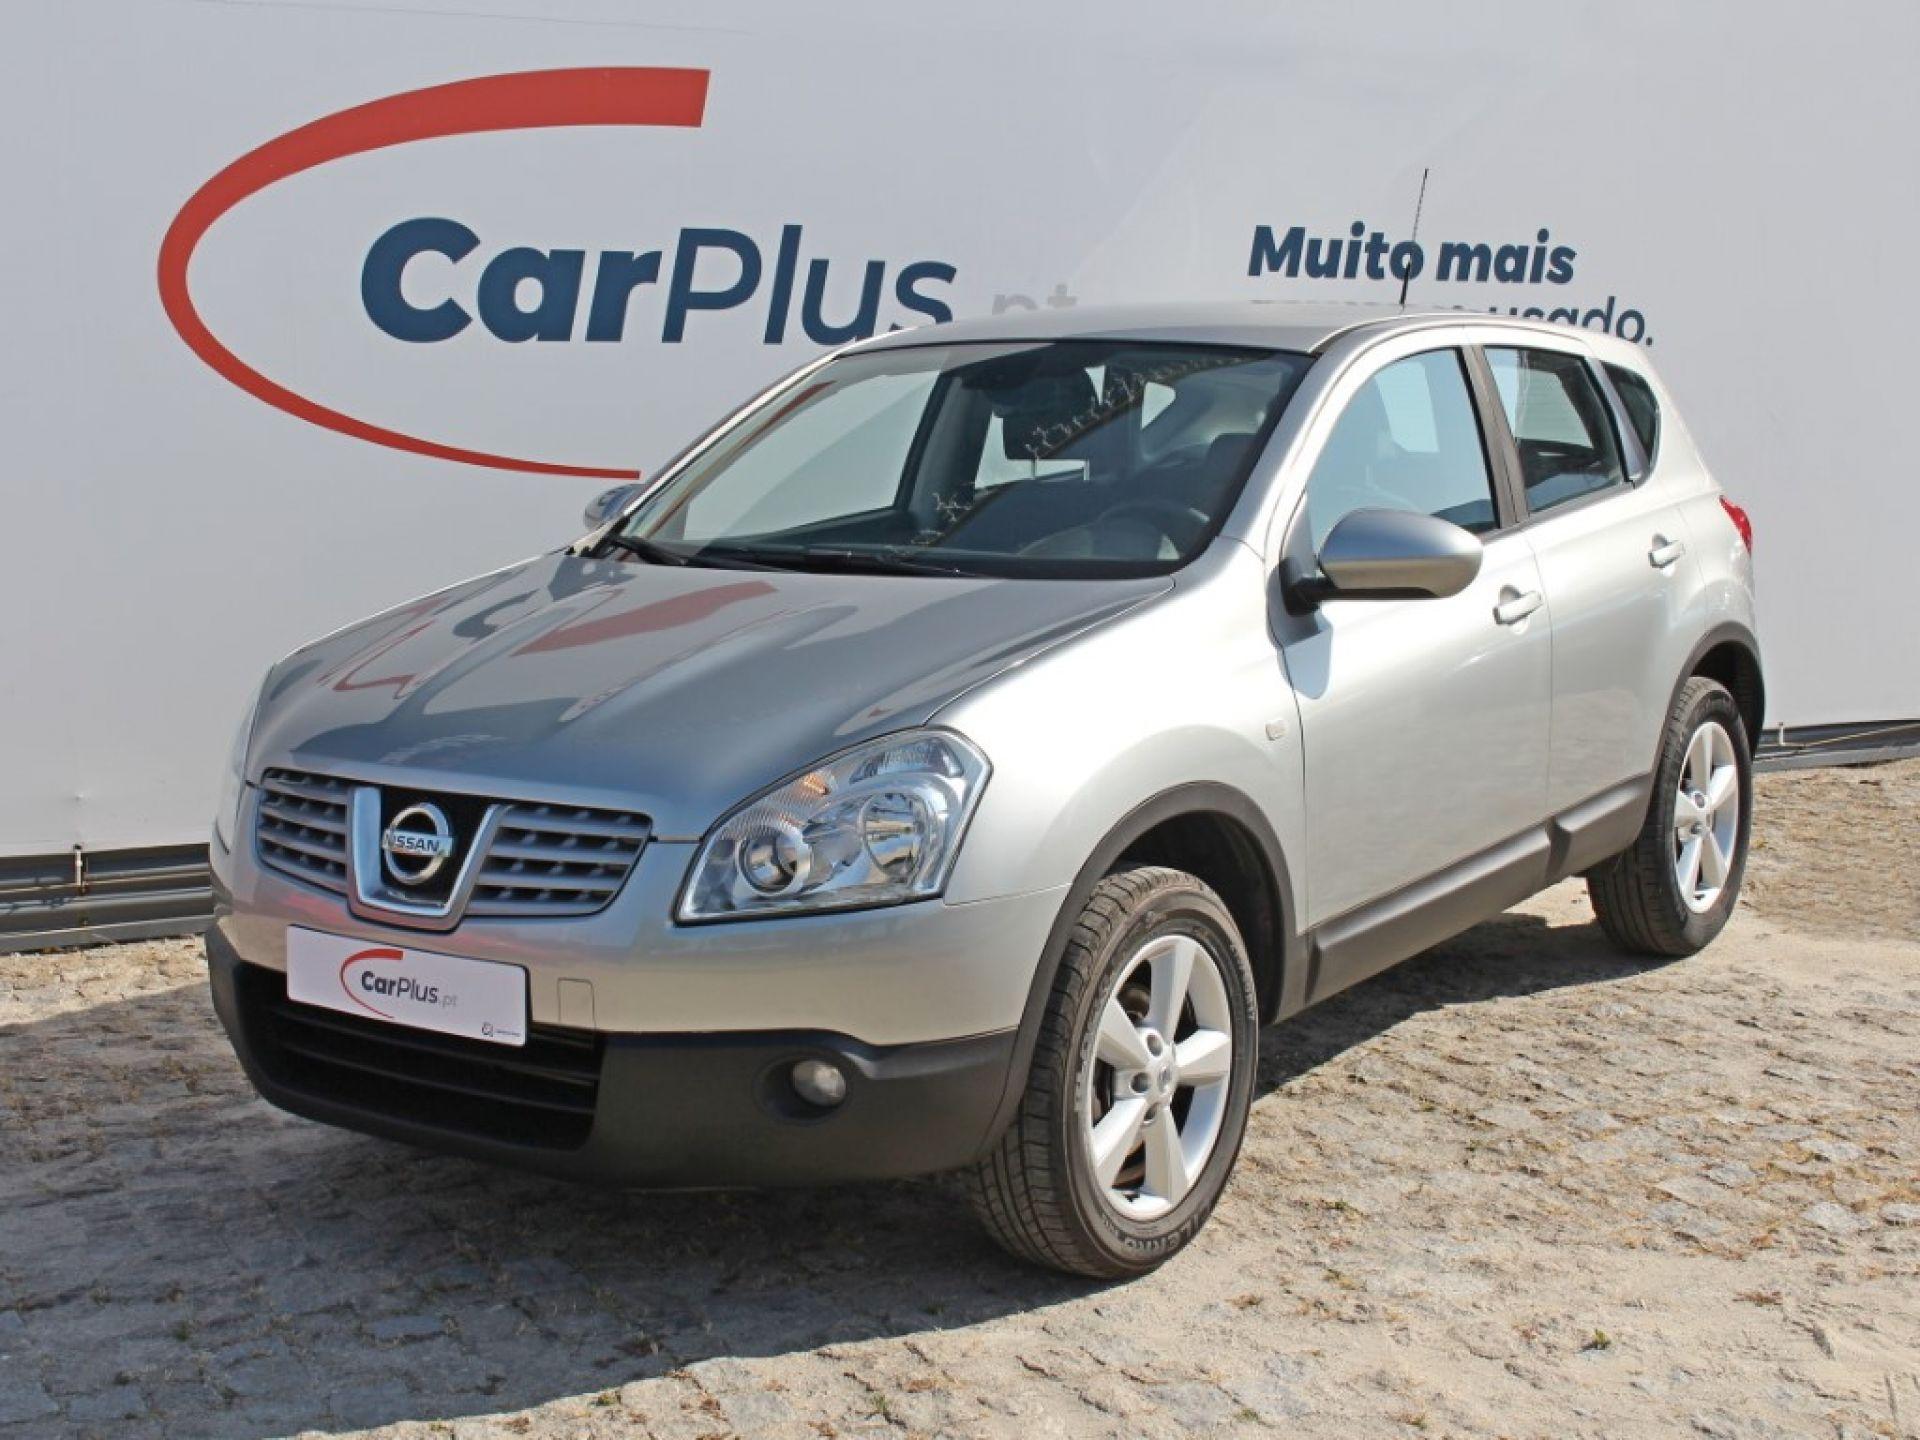 Nissan Qashqai 1.5 Acenta 106cv 4X2 ESP Jantes 17 segunda mão Braga